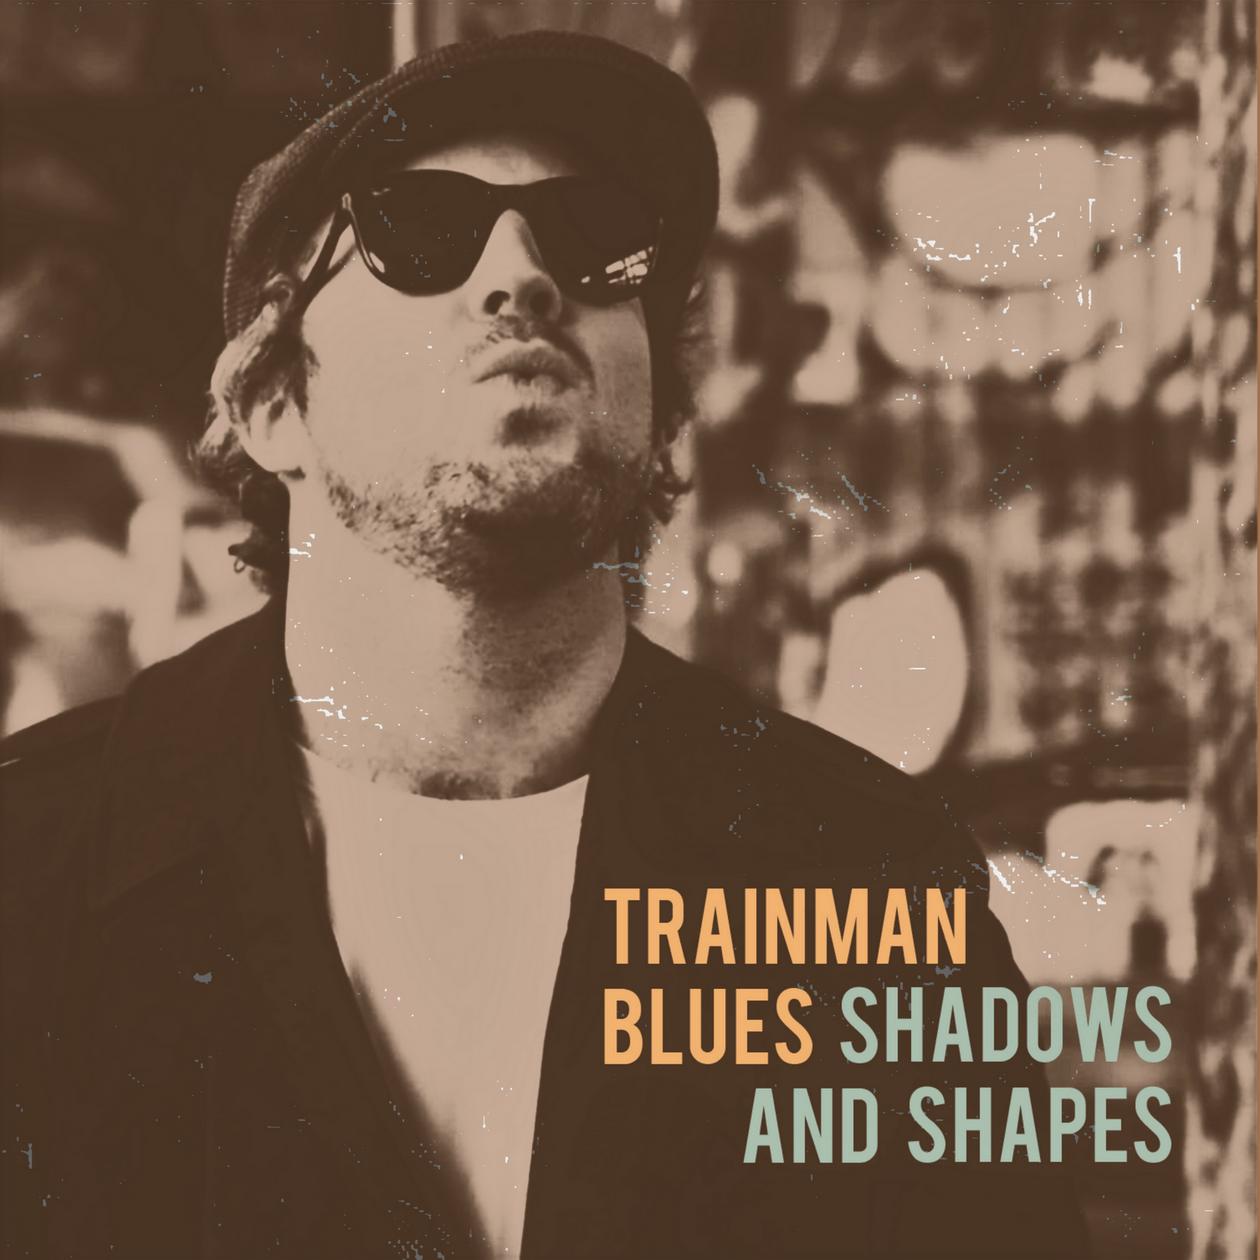 Trainman Blues - Shadows And Shapes